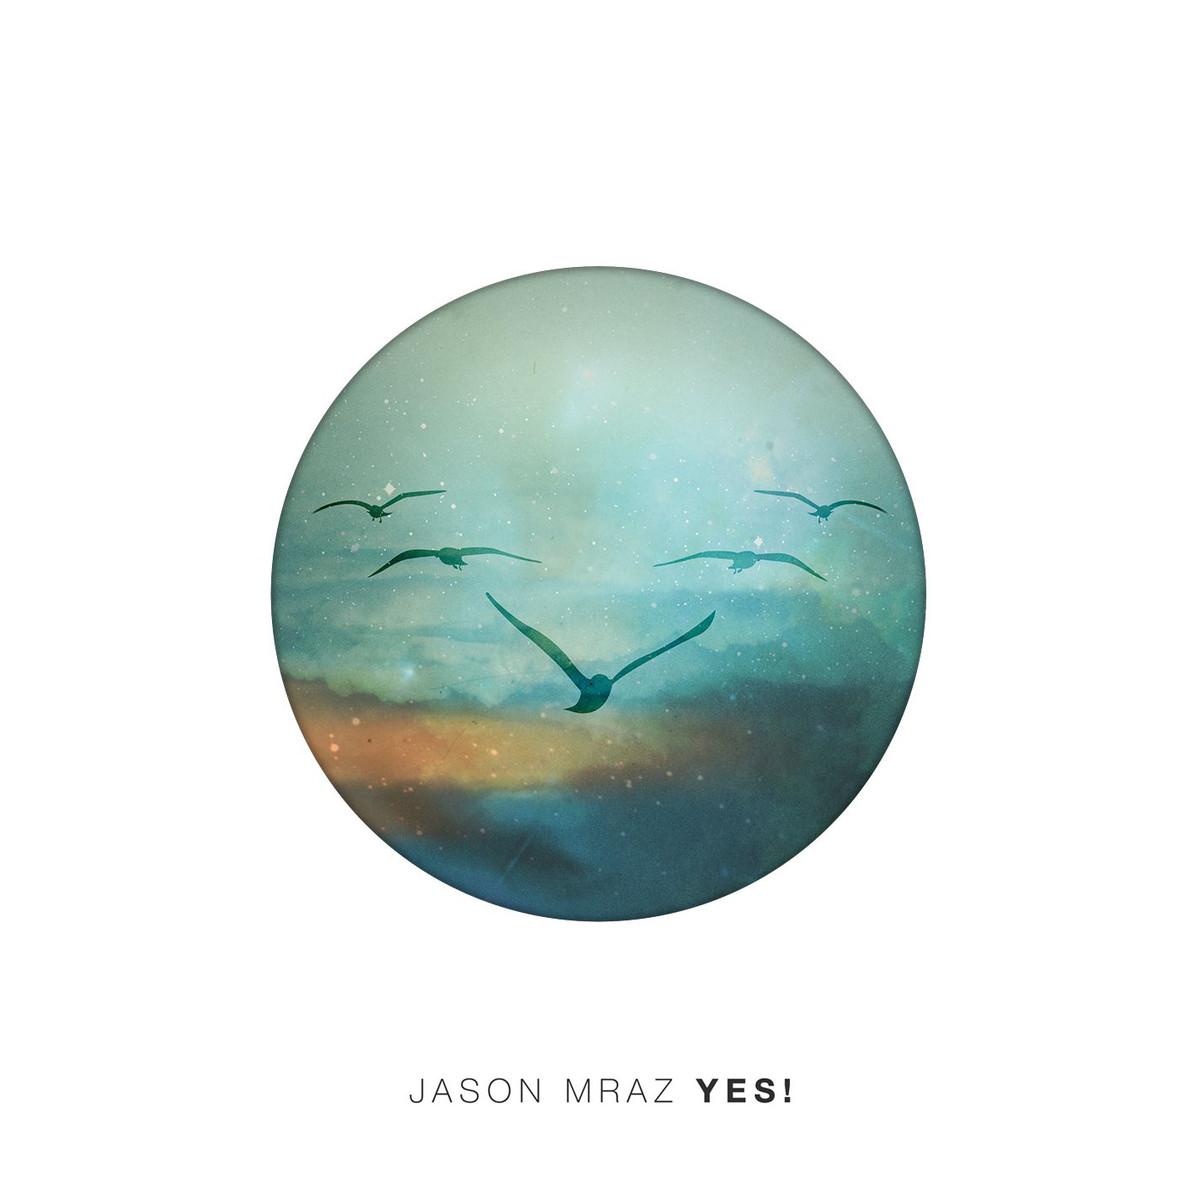 Jason Mraz, Yes!